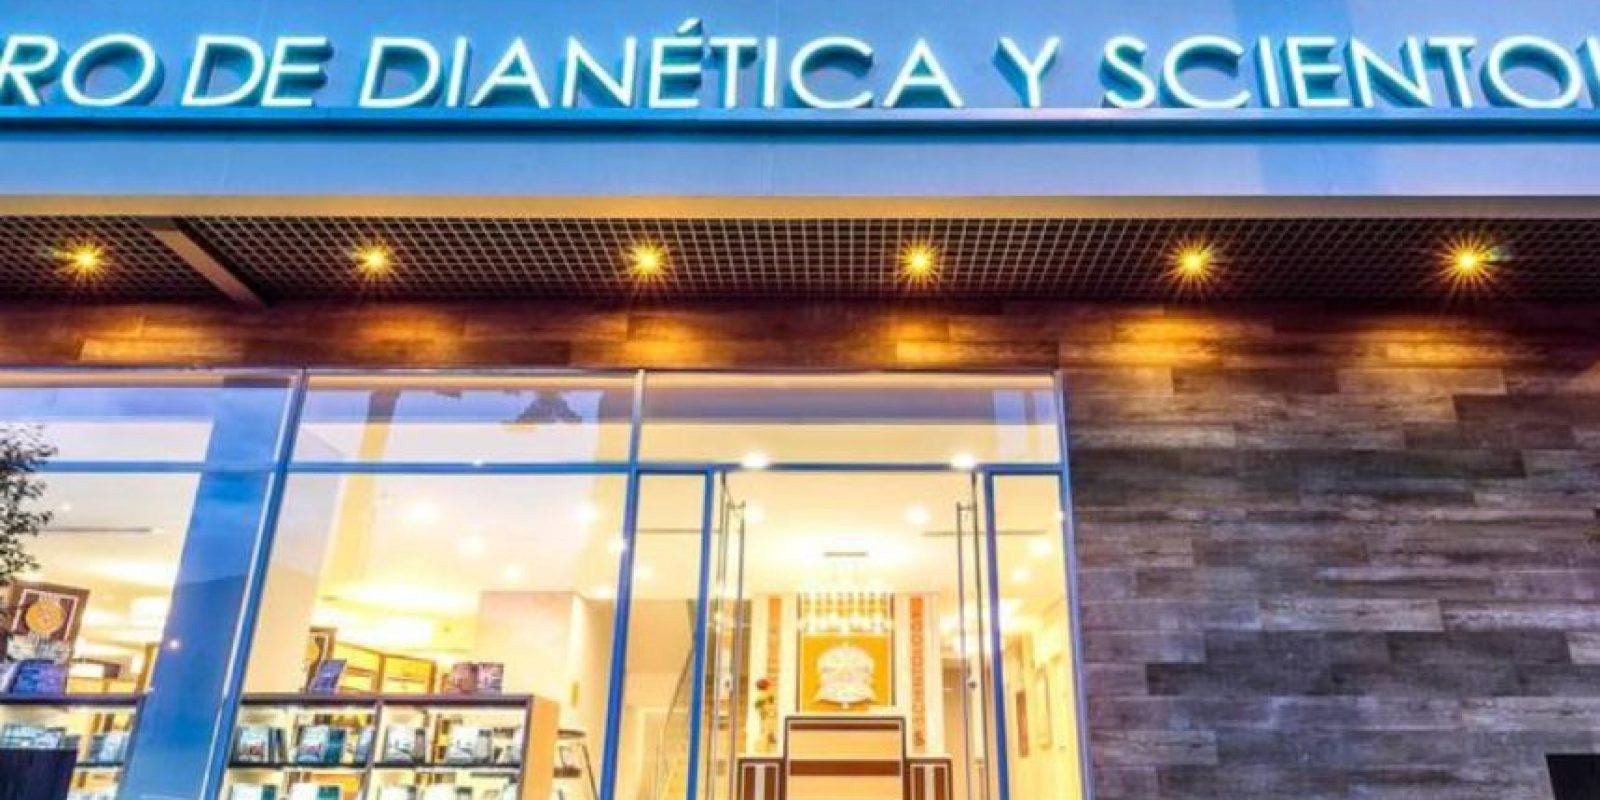 Edificio y sede principal de la Iglesia de Cienciología en Colombia Foto:Cortesía Iglesia de Scientology International